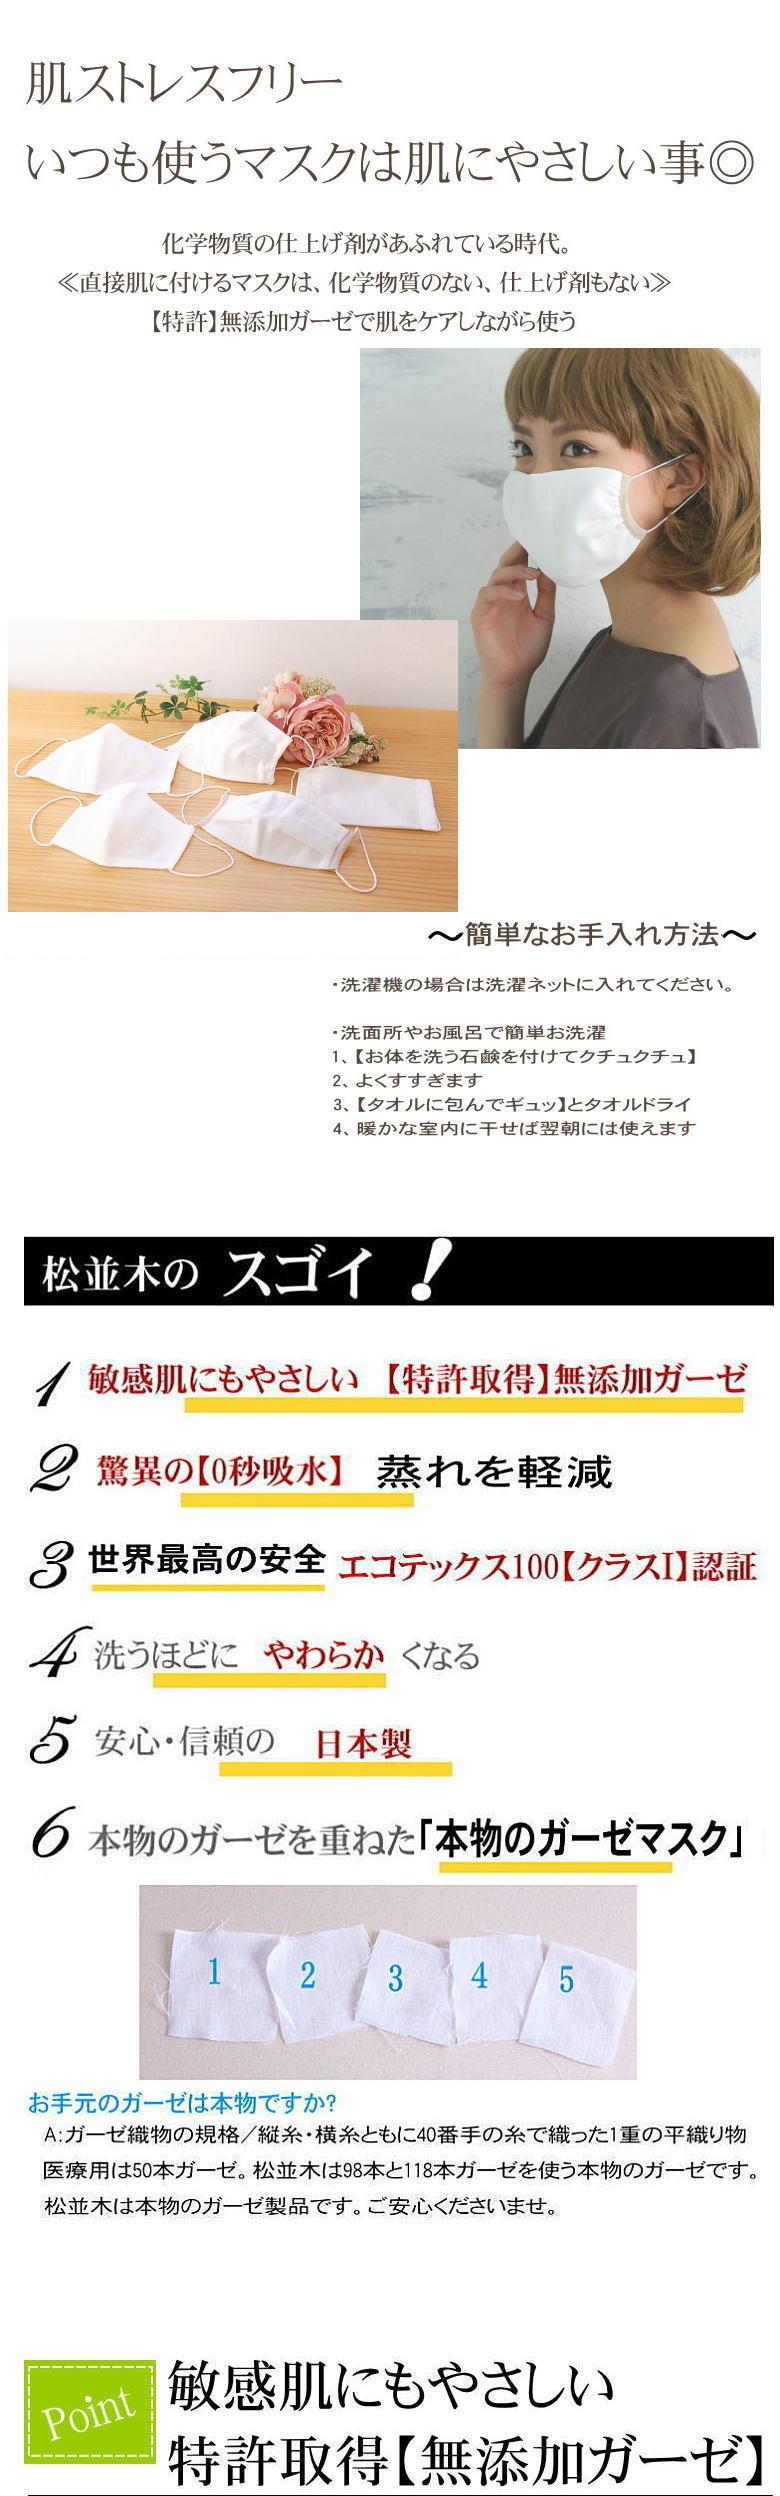 すごい ジプシー 楽天1位 【特許】無添加ガーゼ/無添加ガーゼ マスク 大人用 綿100% 敏感肌にもやさしい 無添加ガーゼ マスク 肌荒れ対策 繰り返し使える マスク 松並木 松並木 日本製